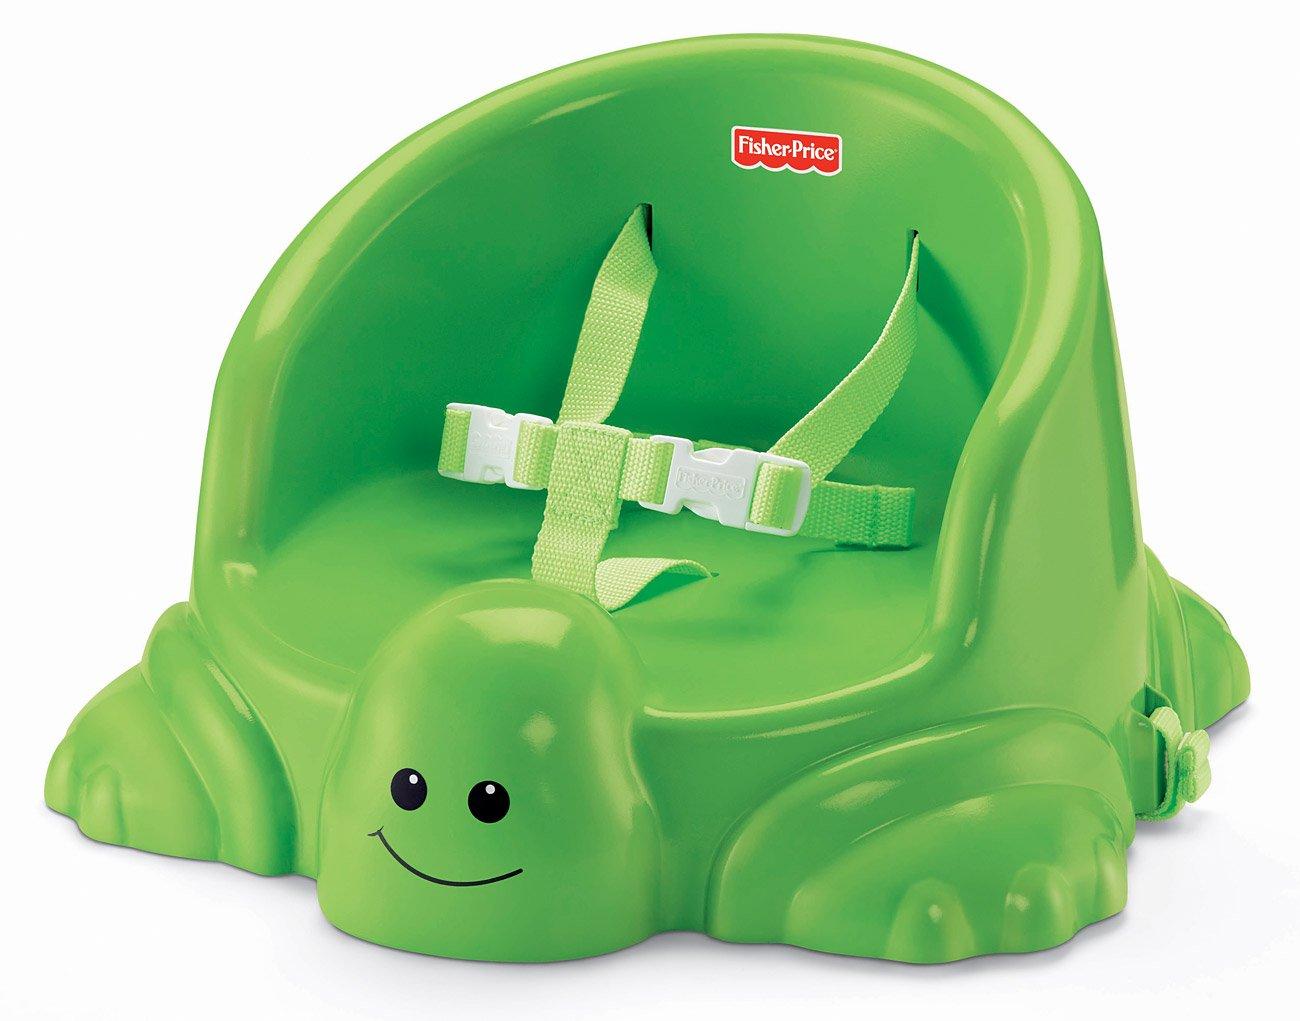 Fisher Price V Elevador de asiento con diseño de tortuga color verde